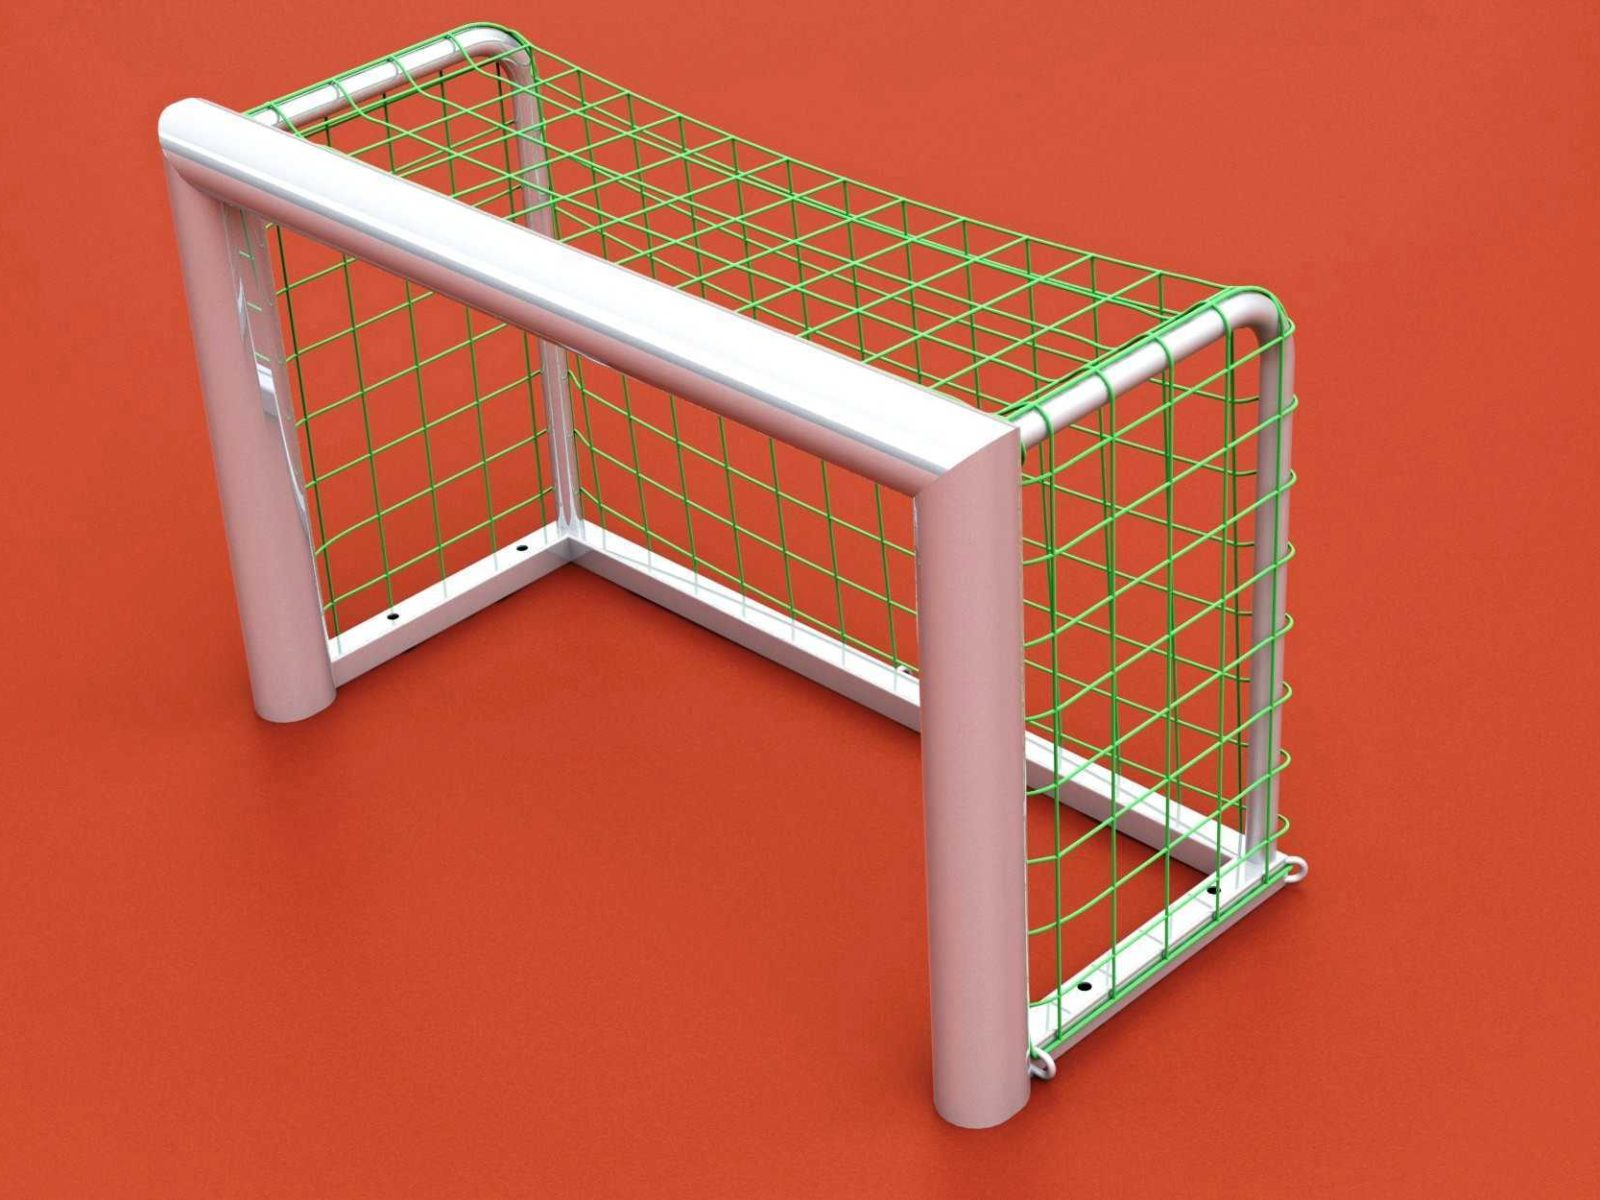 Hochwertiges Minitor für Training und Garten von artec Sportgeräte